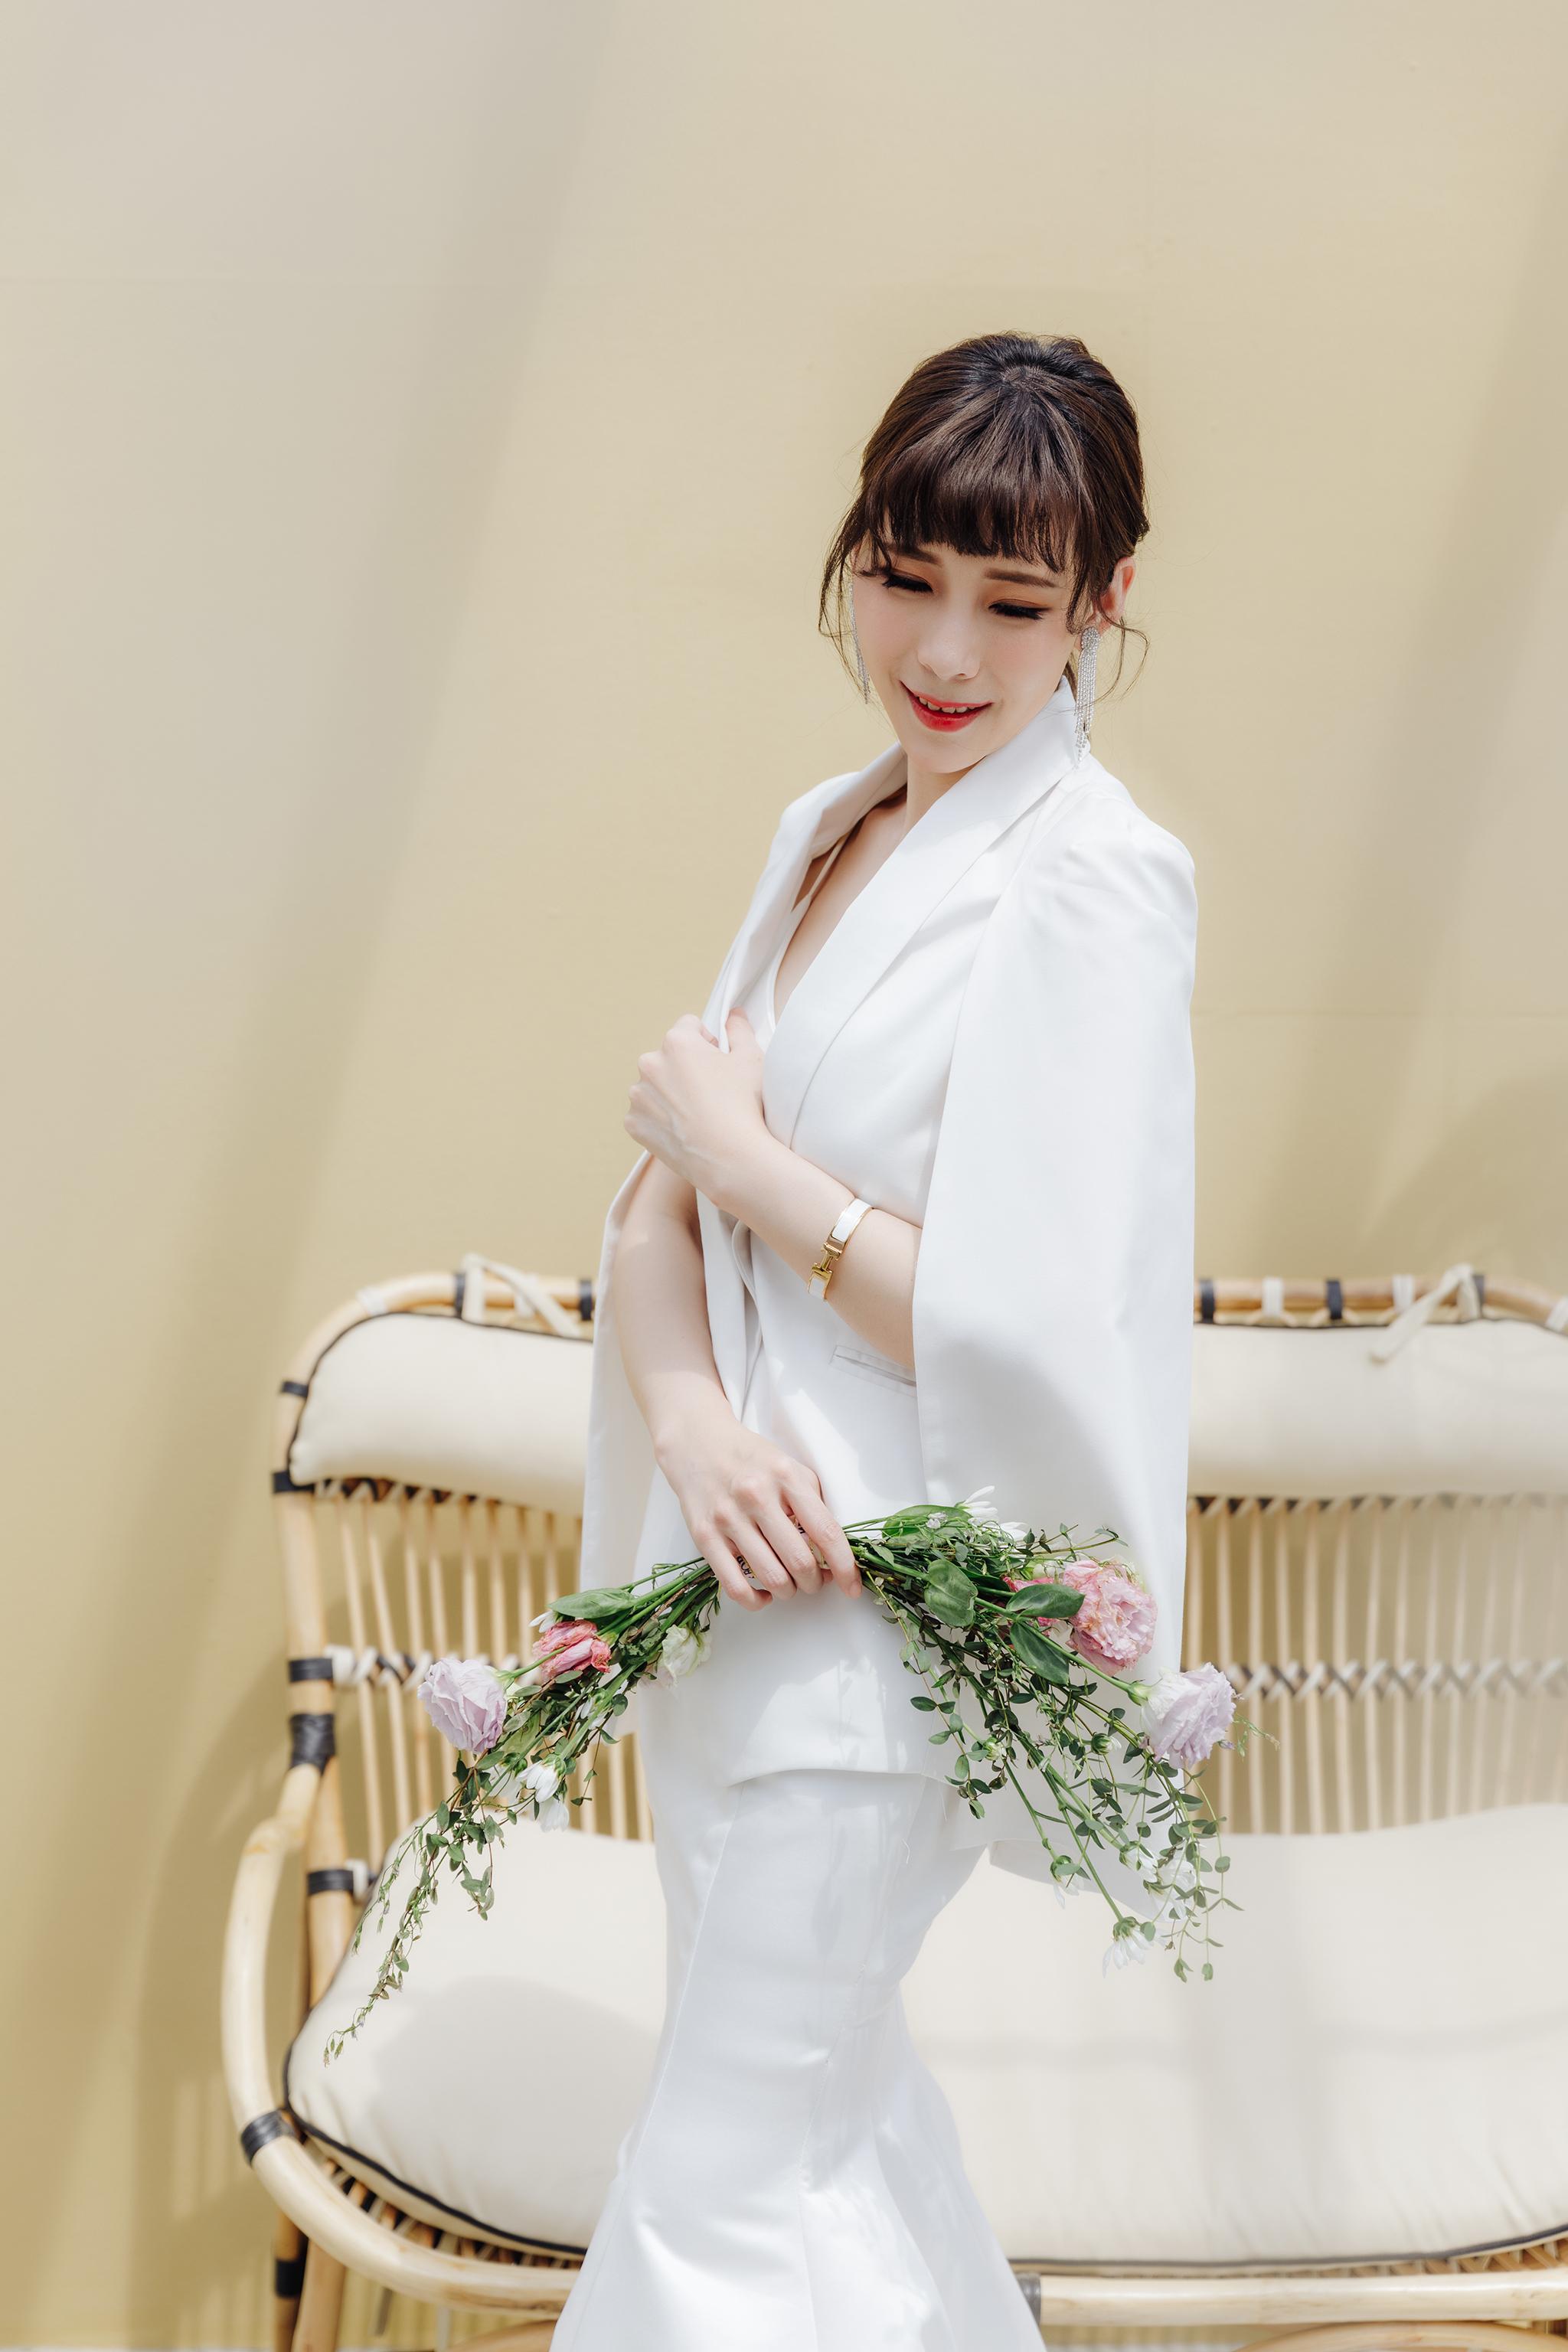 49883216286 d714272463 o - 【自主婚紗】+潤潤+